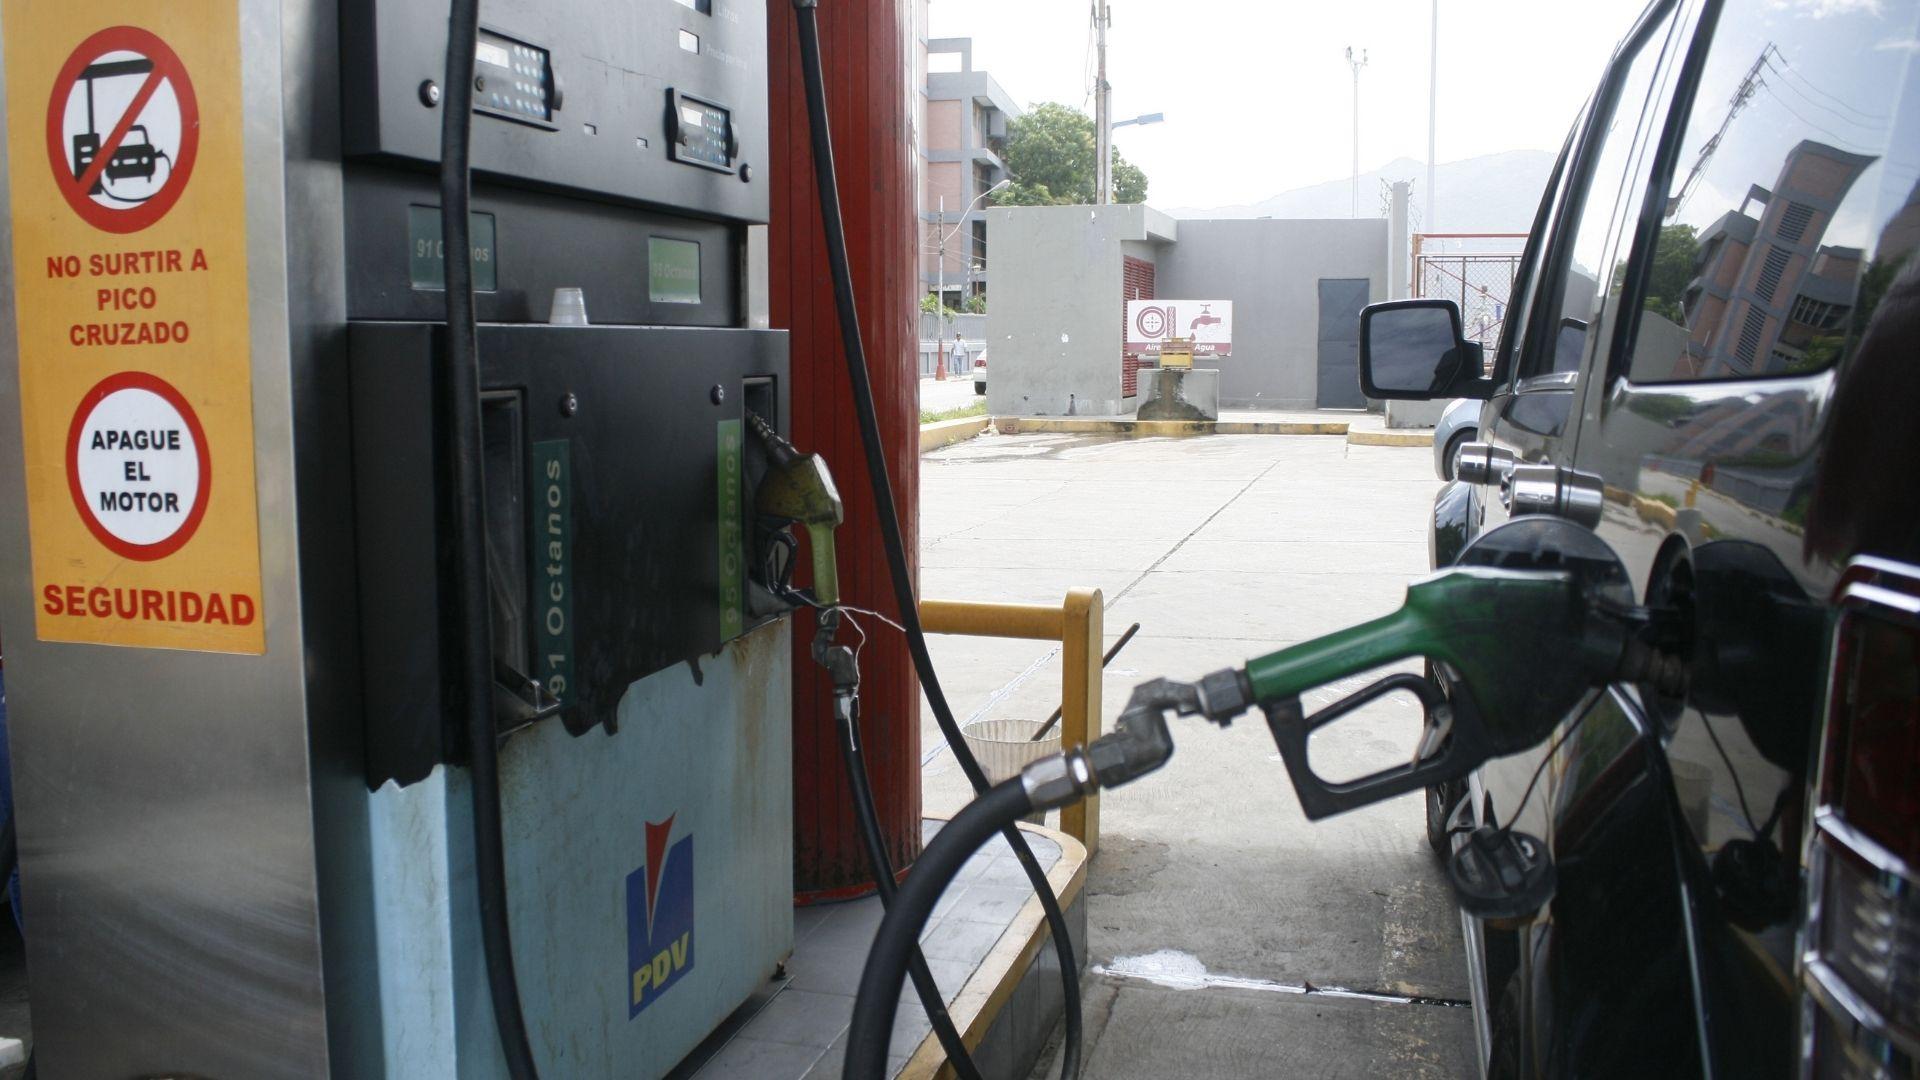 OVV: Escasez de gasolina fortalece control territorial de la delincuencia en Sucre